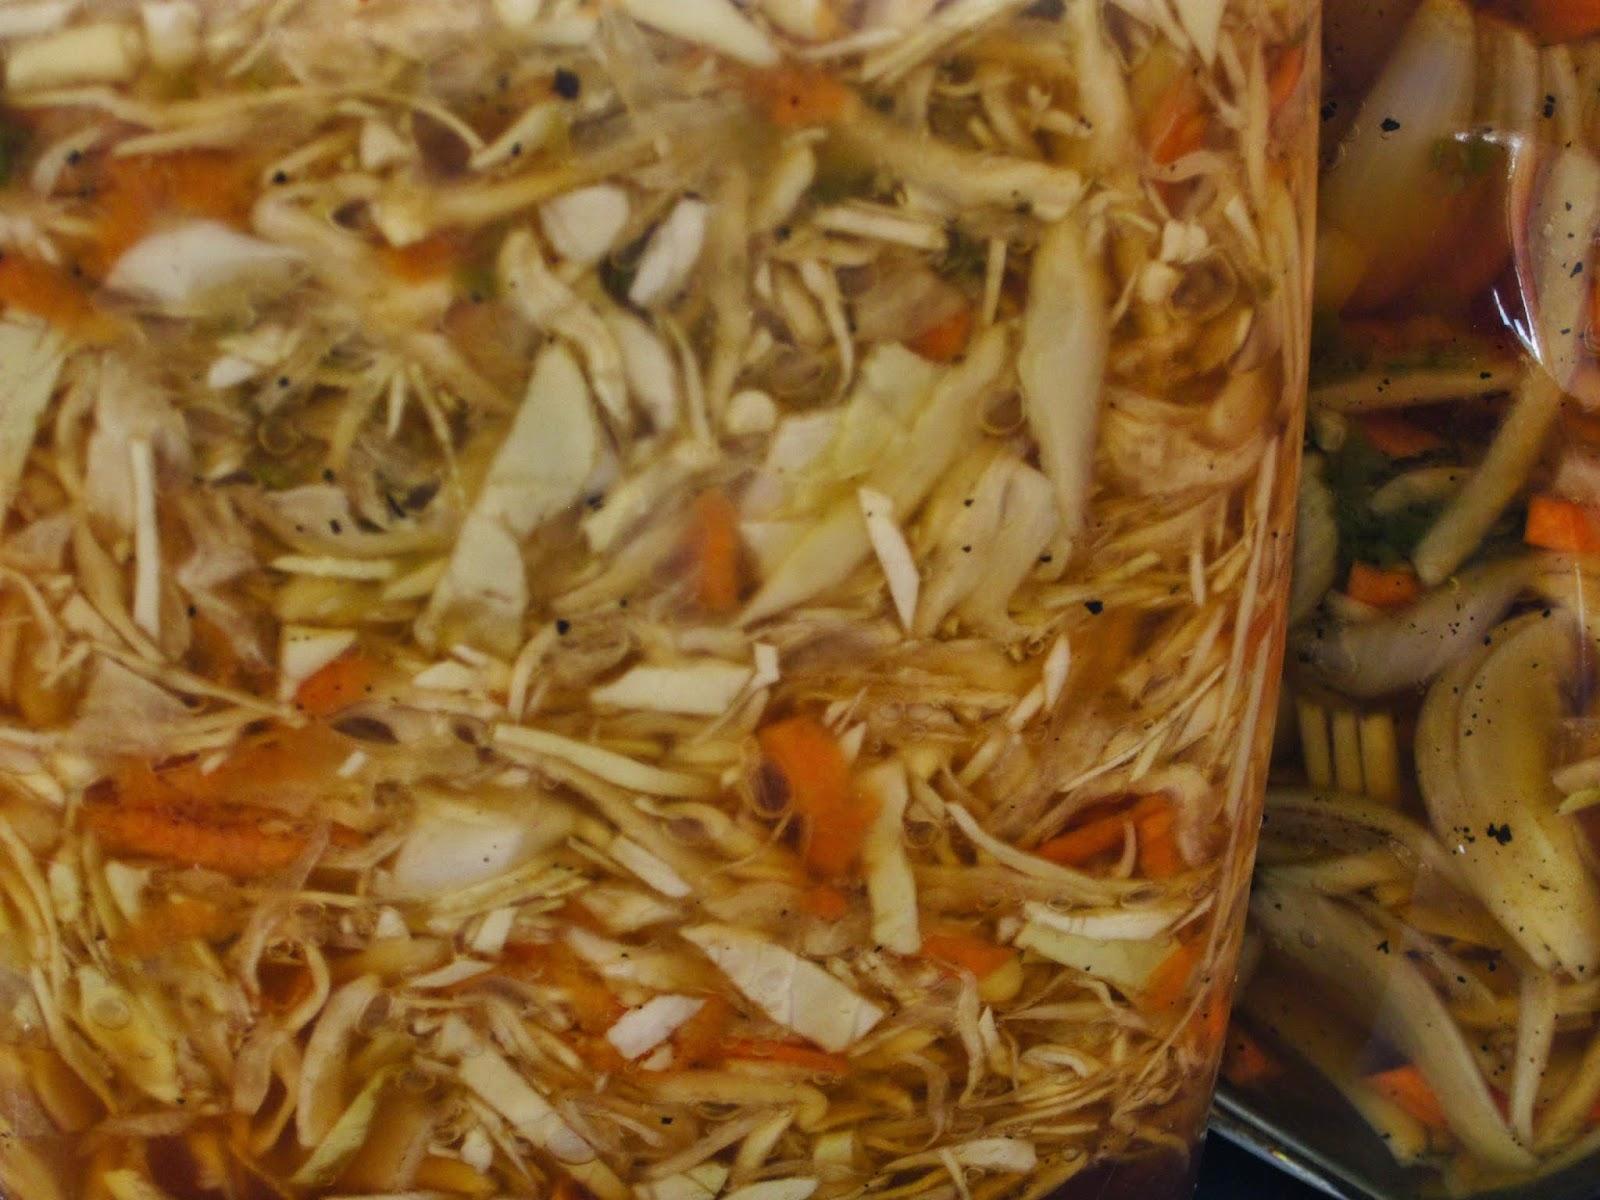 Repollo encurtido en vinagre - Encurtido de zanahoria ...